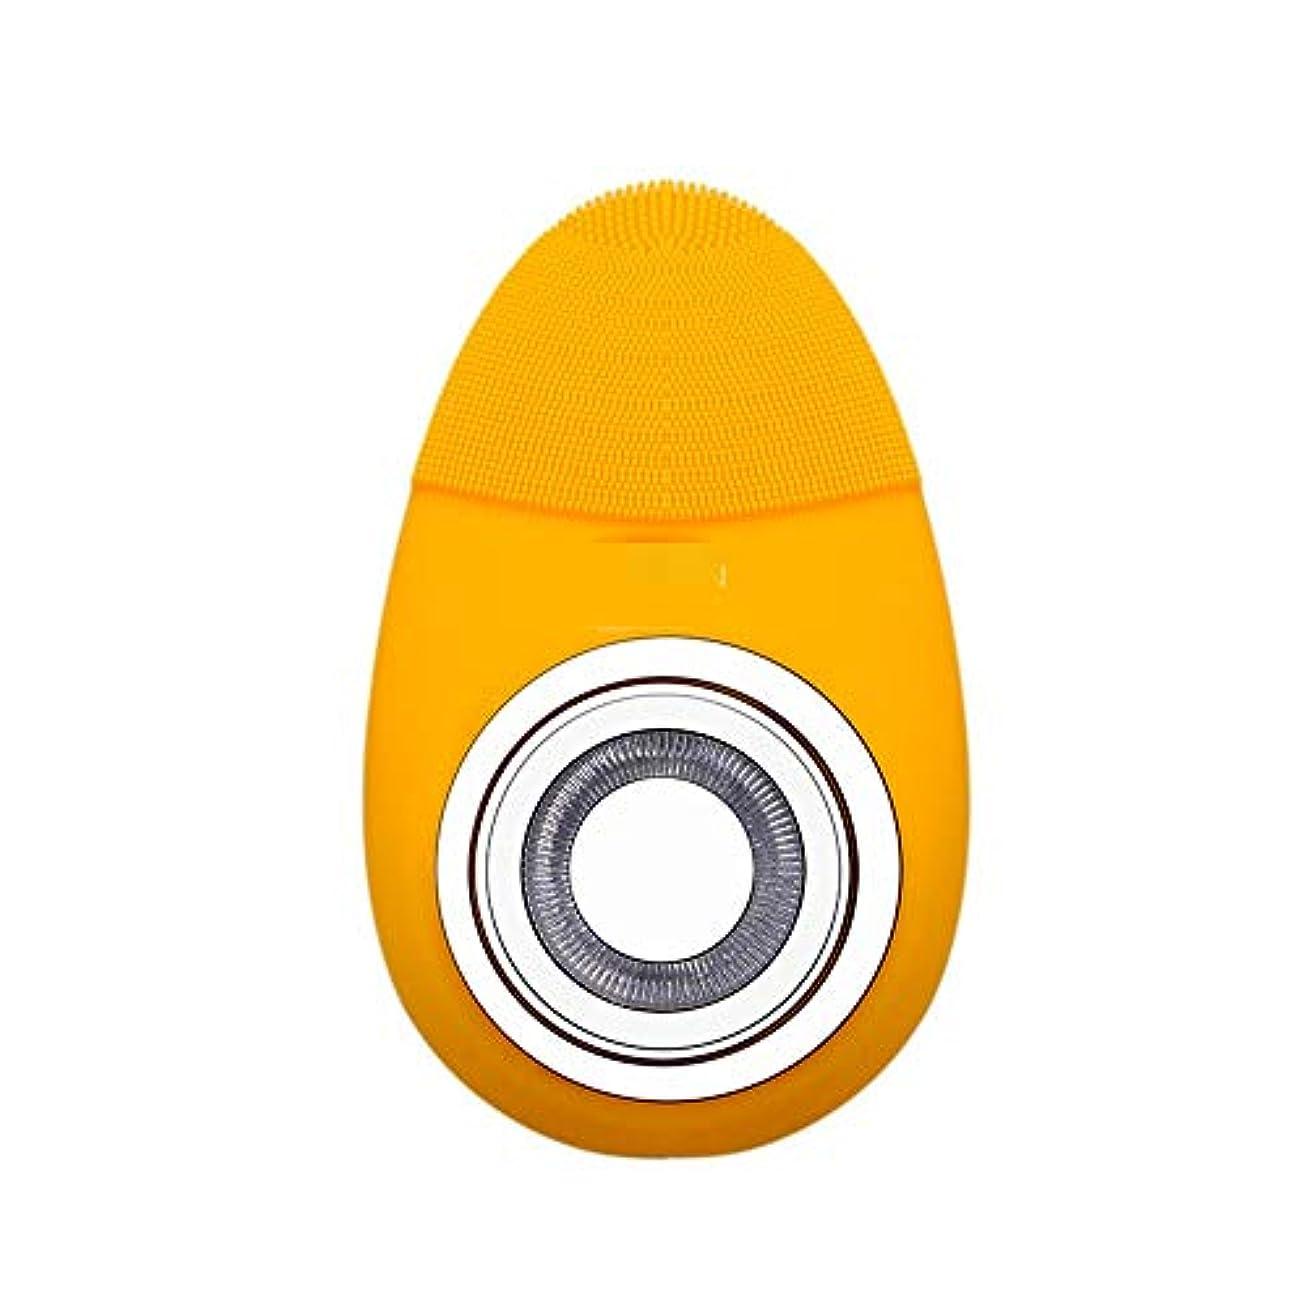 優先権コピーまっすぐにするLYgMV 多機能電気恒温シリコーンクレンジング楽器赤灯肌清潔毛穴クリーナー輸入機器美容機器 (Color : Yellow)